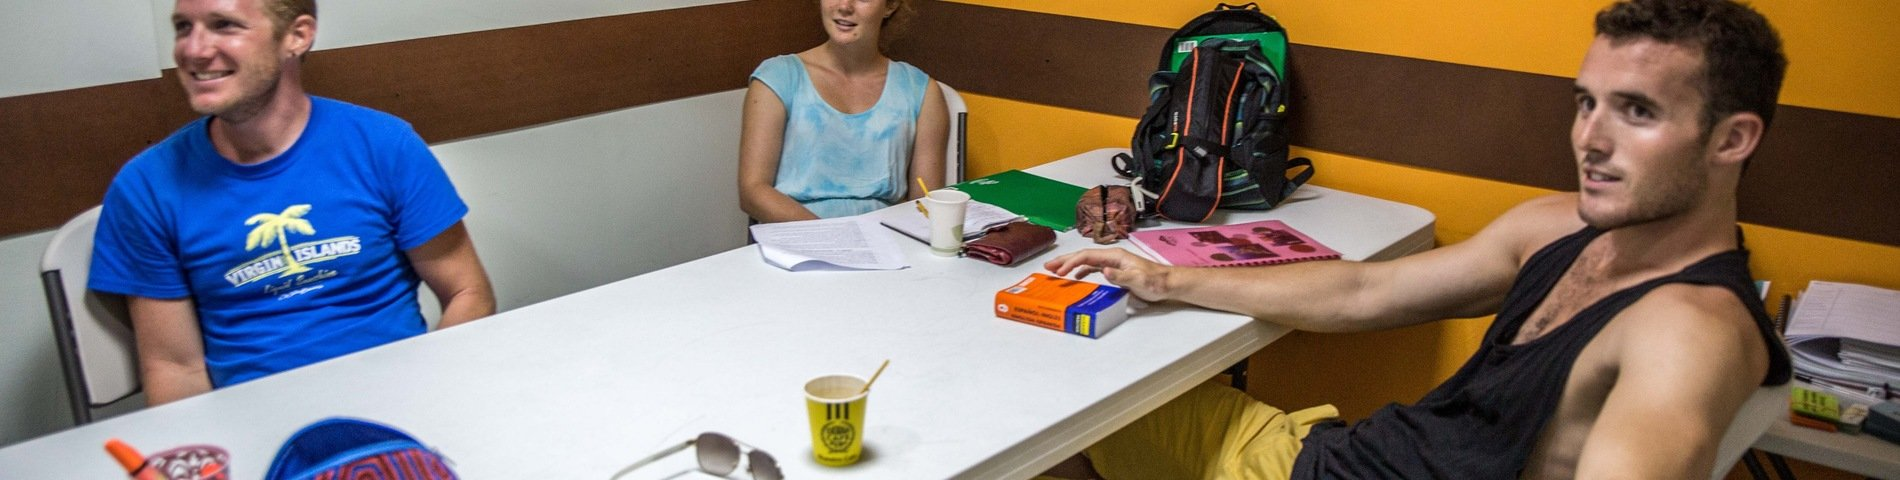 Habla Ya Spanish School photo 1